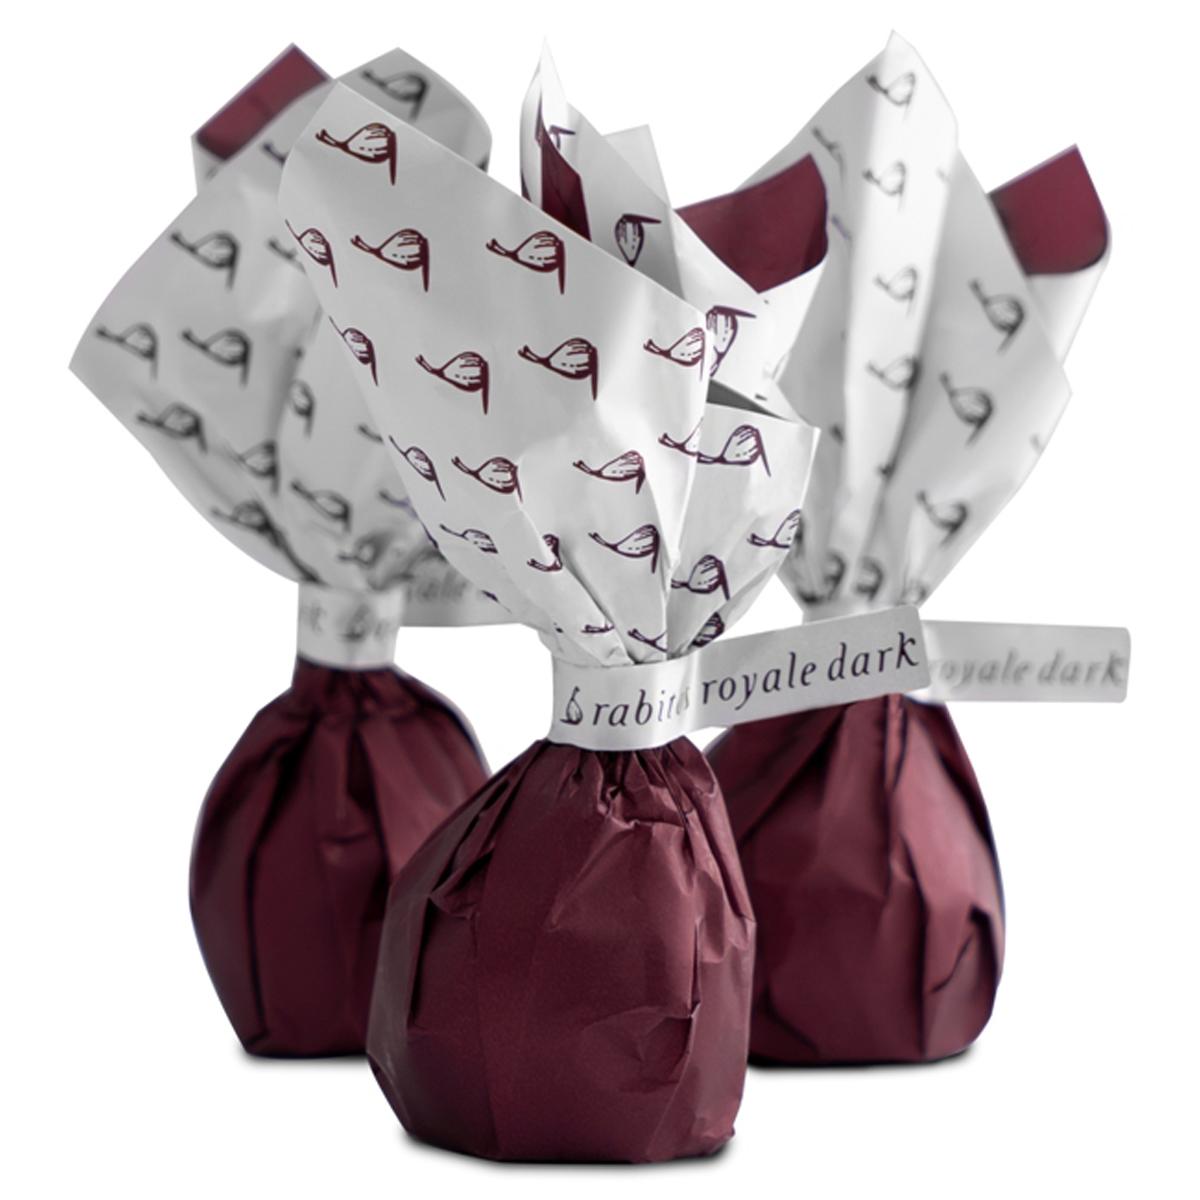 Конфеты Инжир в тёмном шоколаде начинка ганаш с бренди в метал.кор., Юбилейные Rabitos 224 г 14 конфет